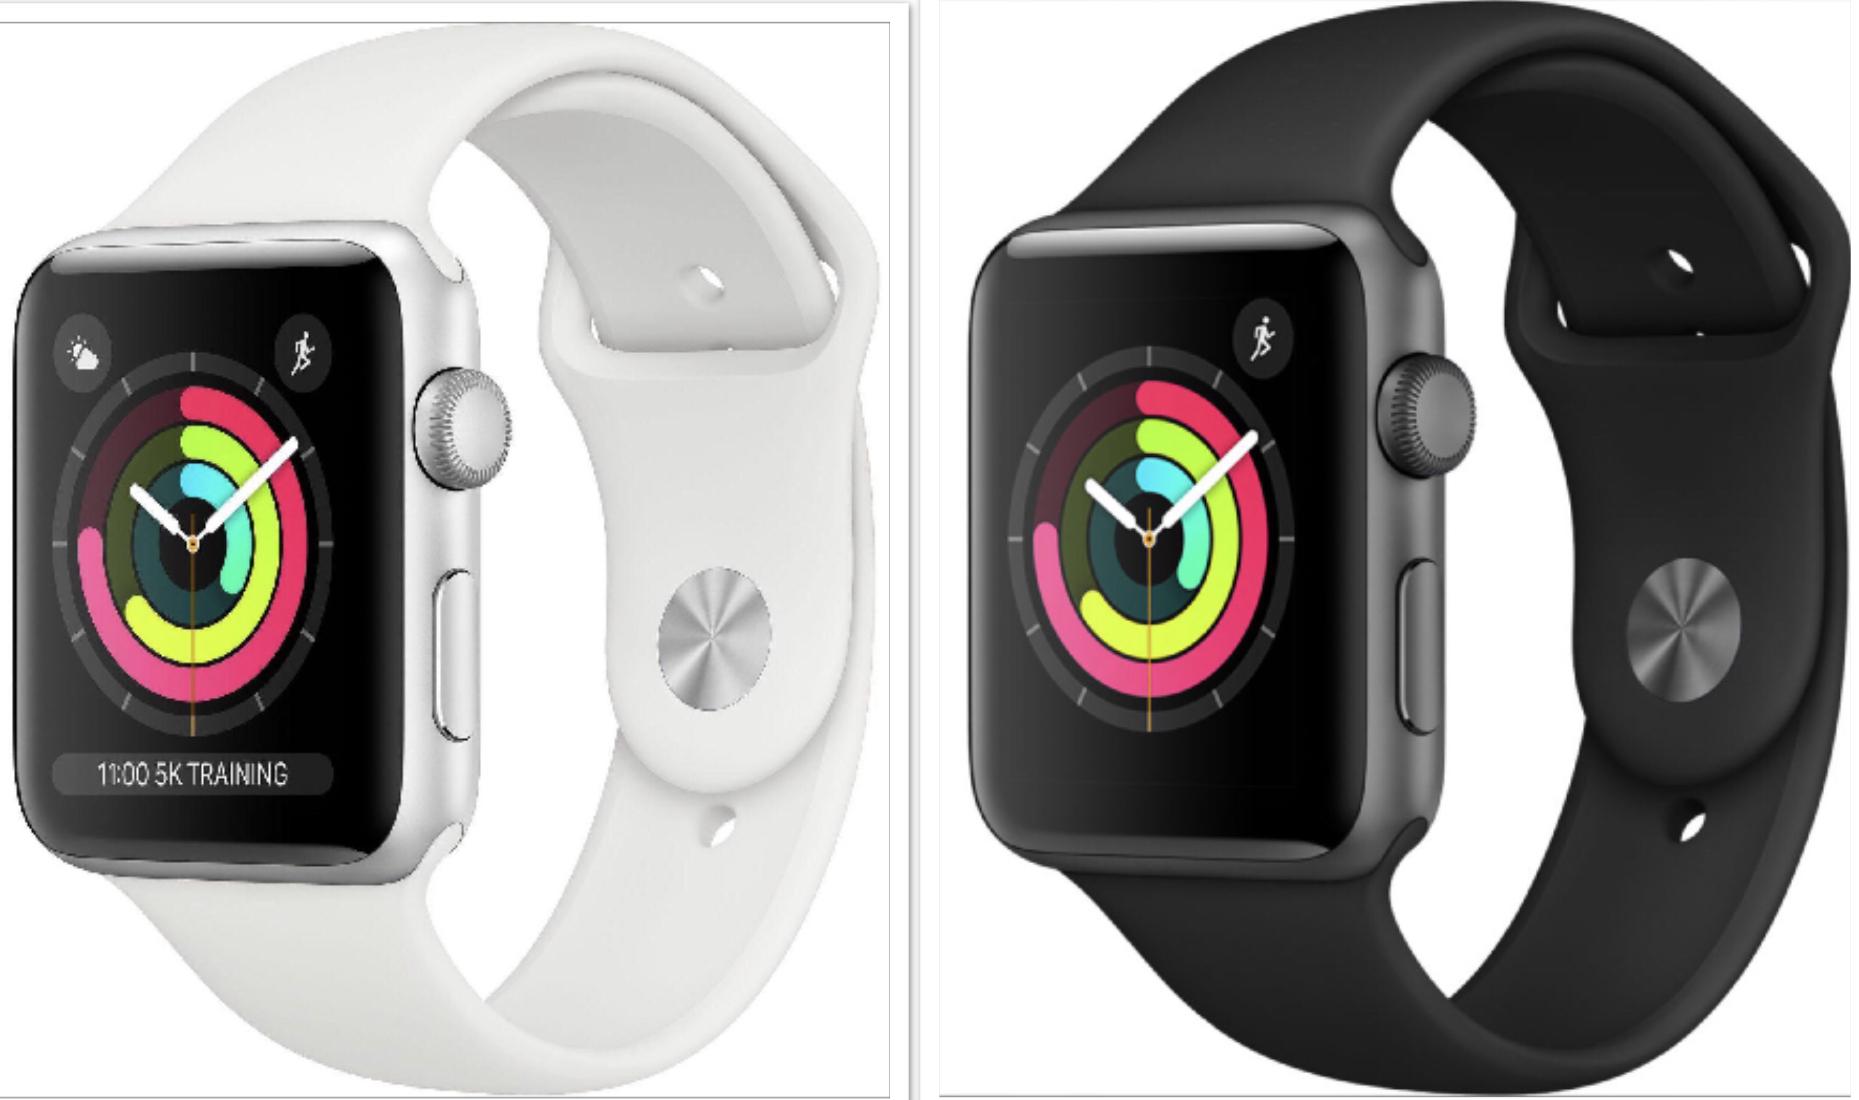 Apple Watch Series 3 GPS 38mm Aluminiumgehäuse Sportarmband silber für 244,90€ - spacegrau 38mm 254,90€ oder 42mm für 269,90€